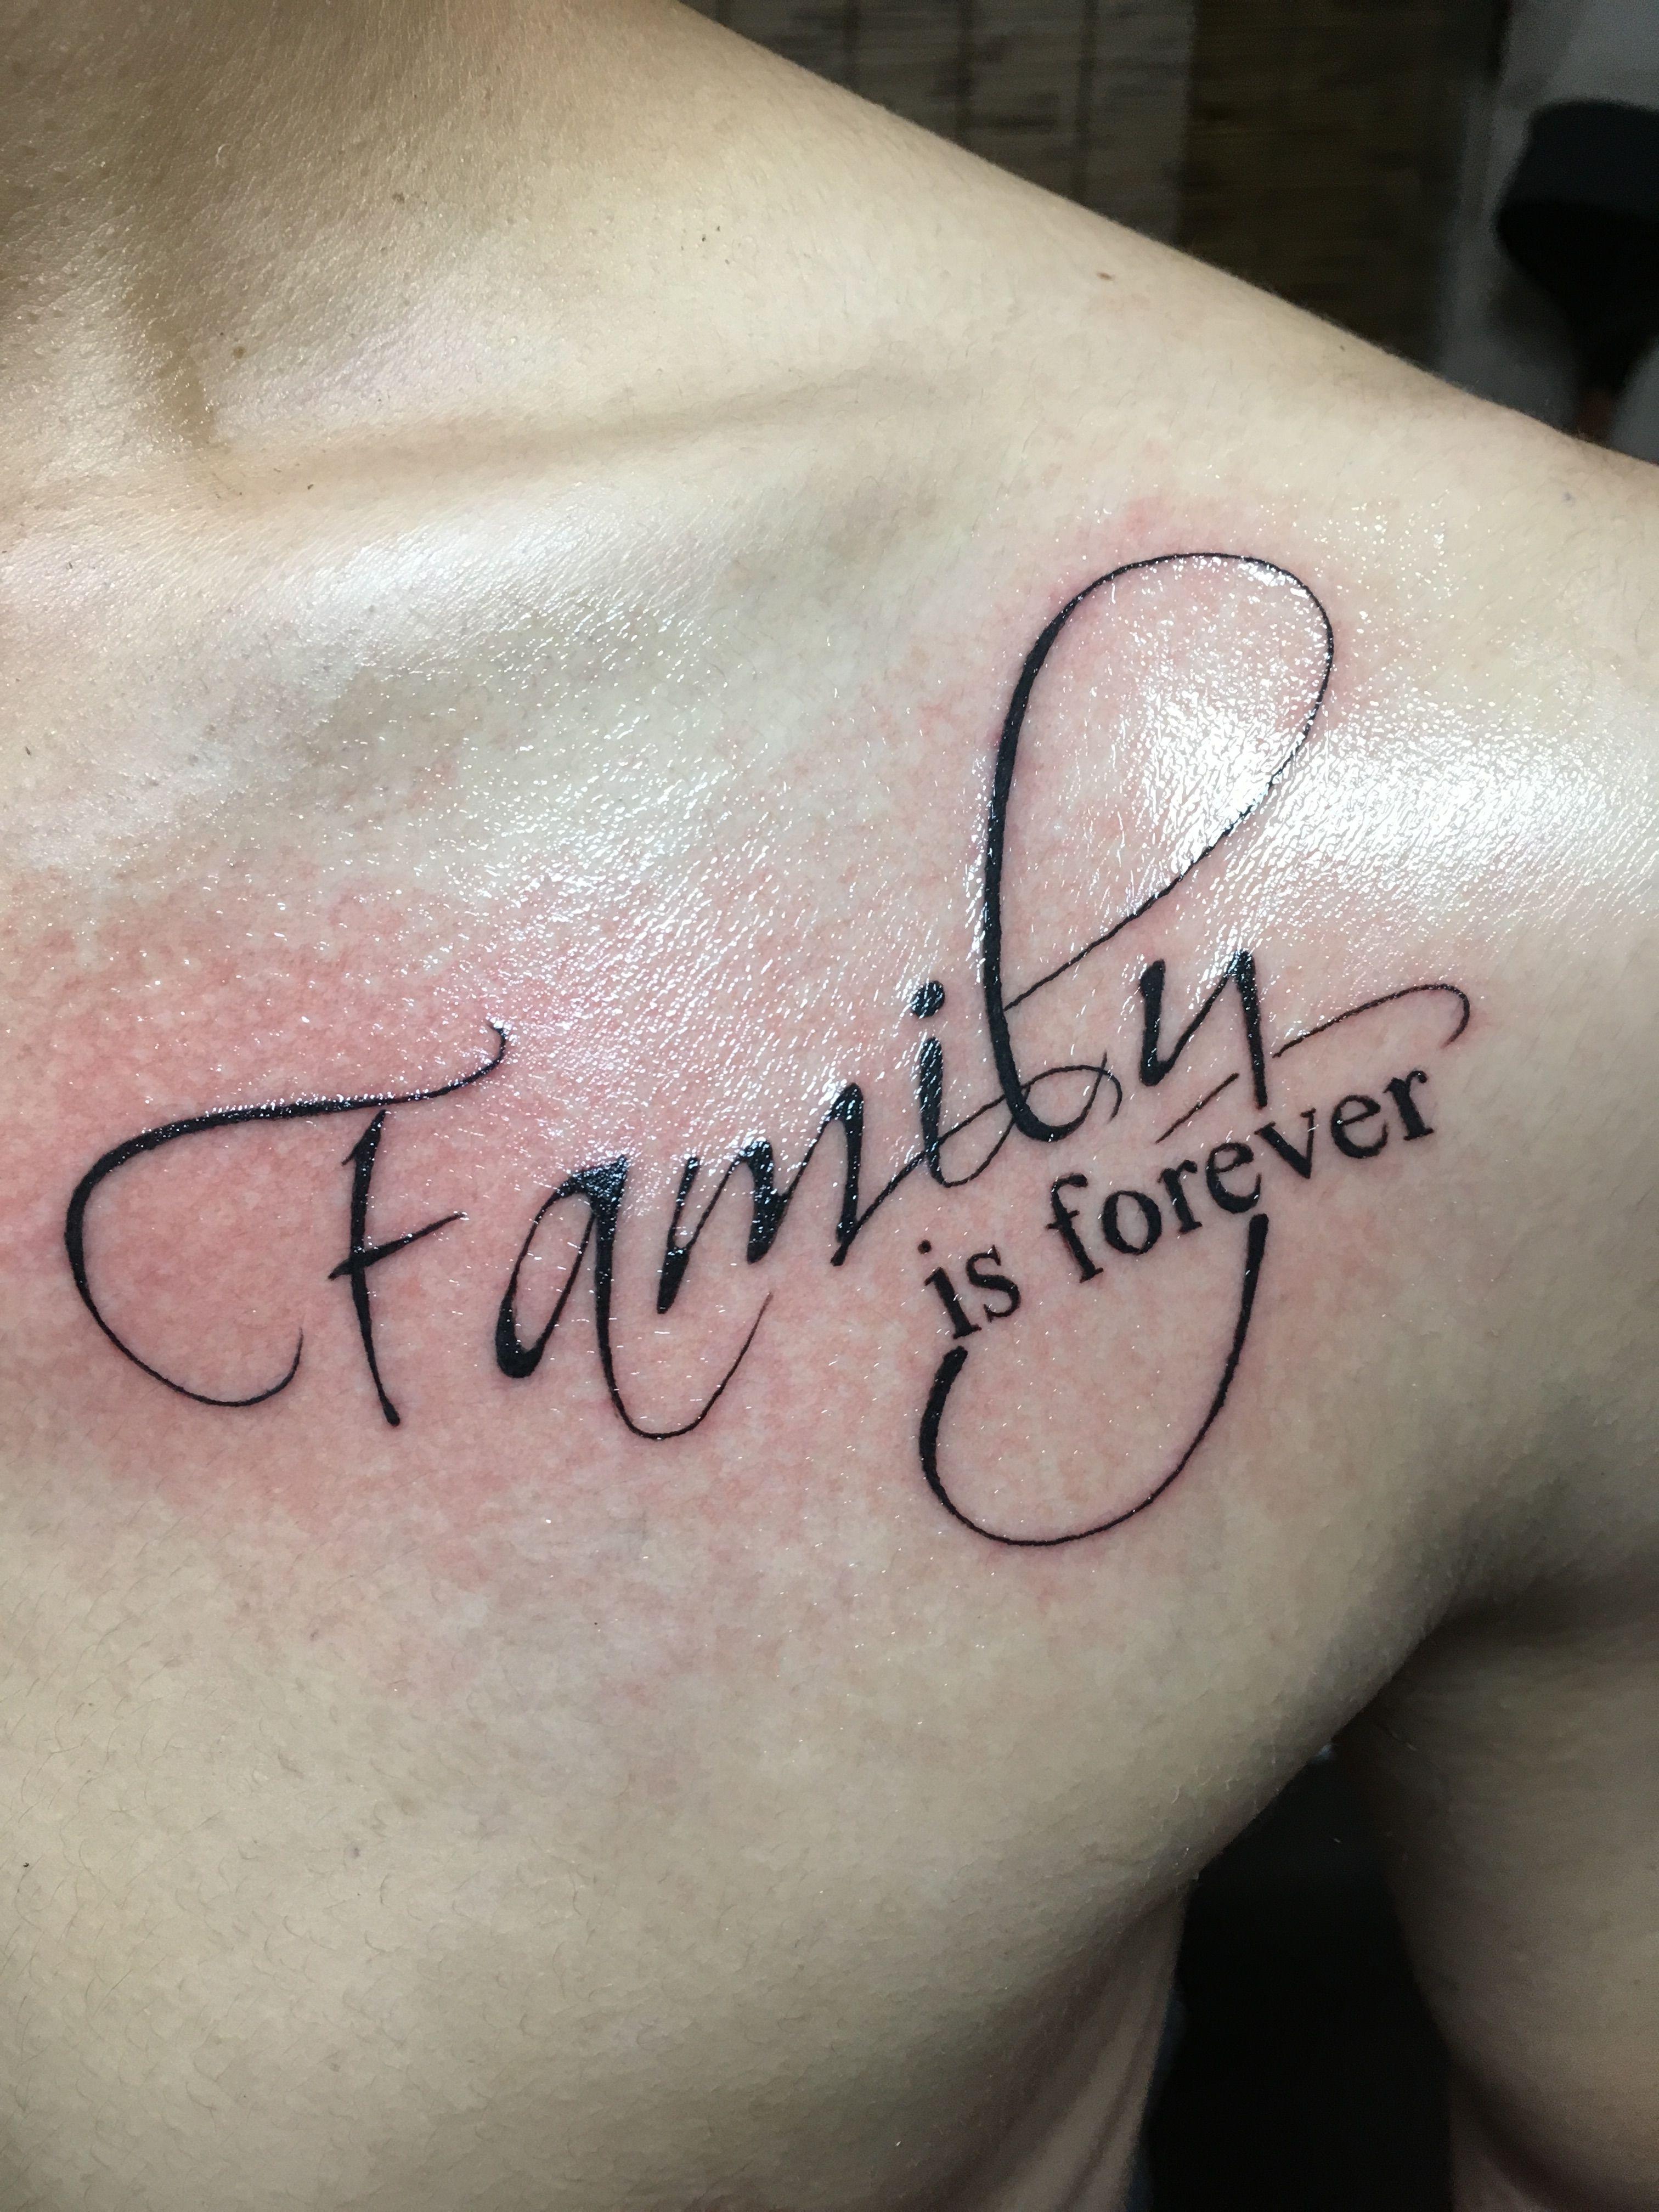 Family is forever Hình xăm, Tatoo, Xăm